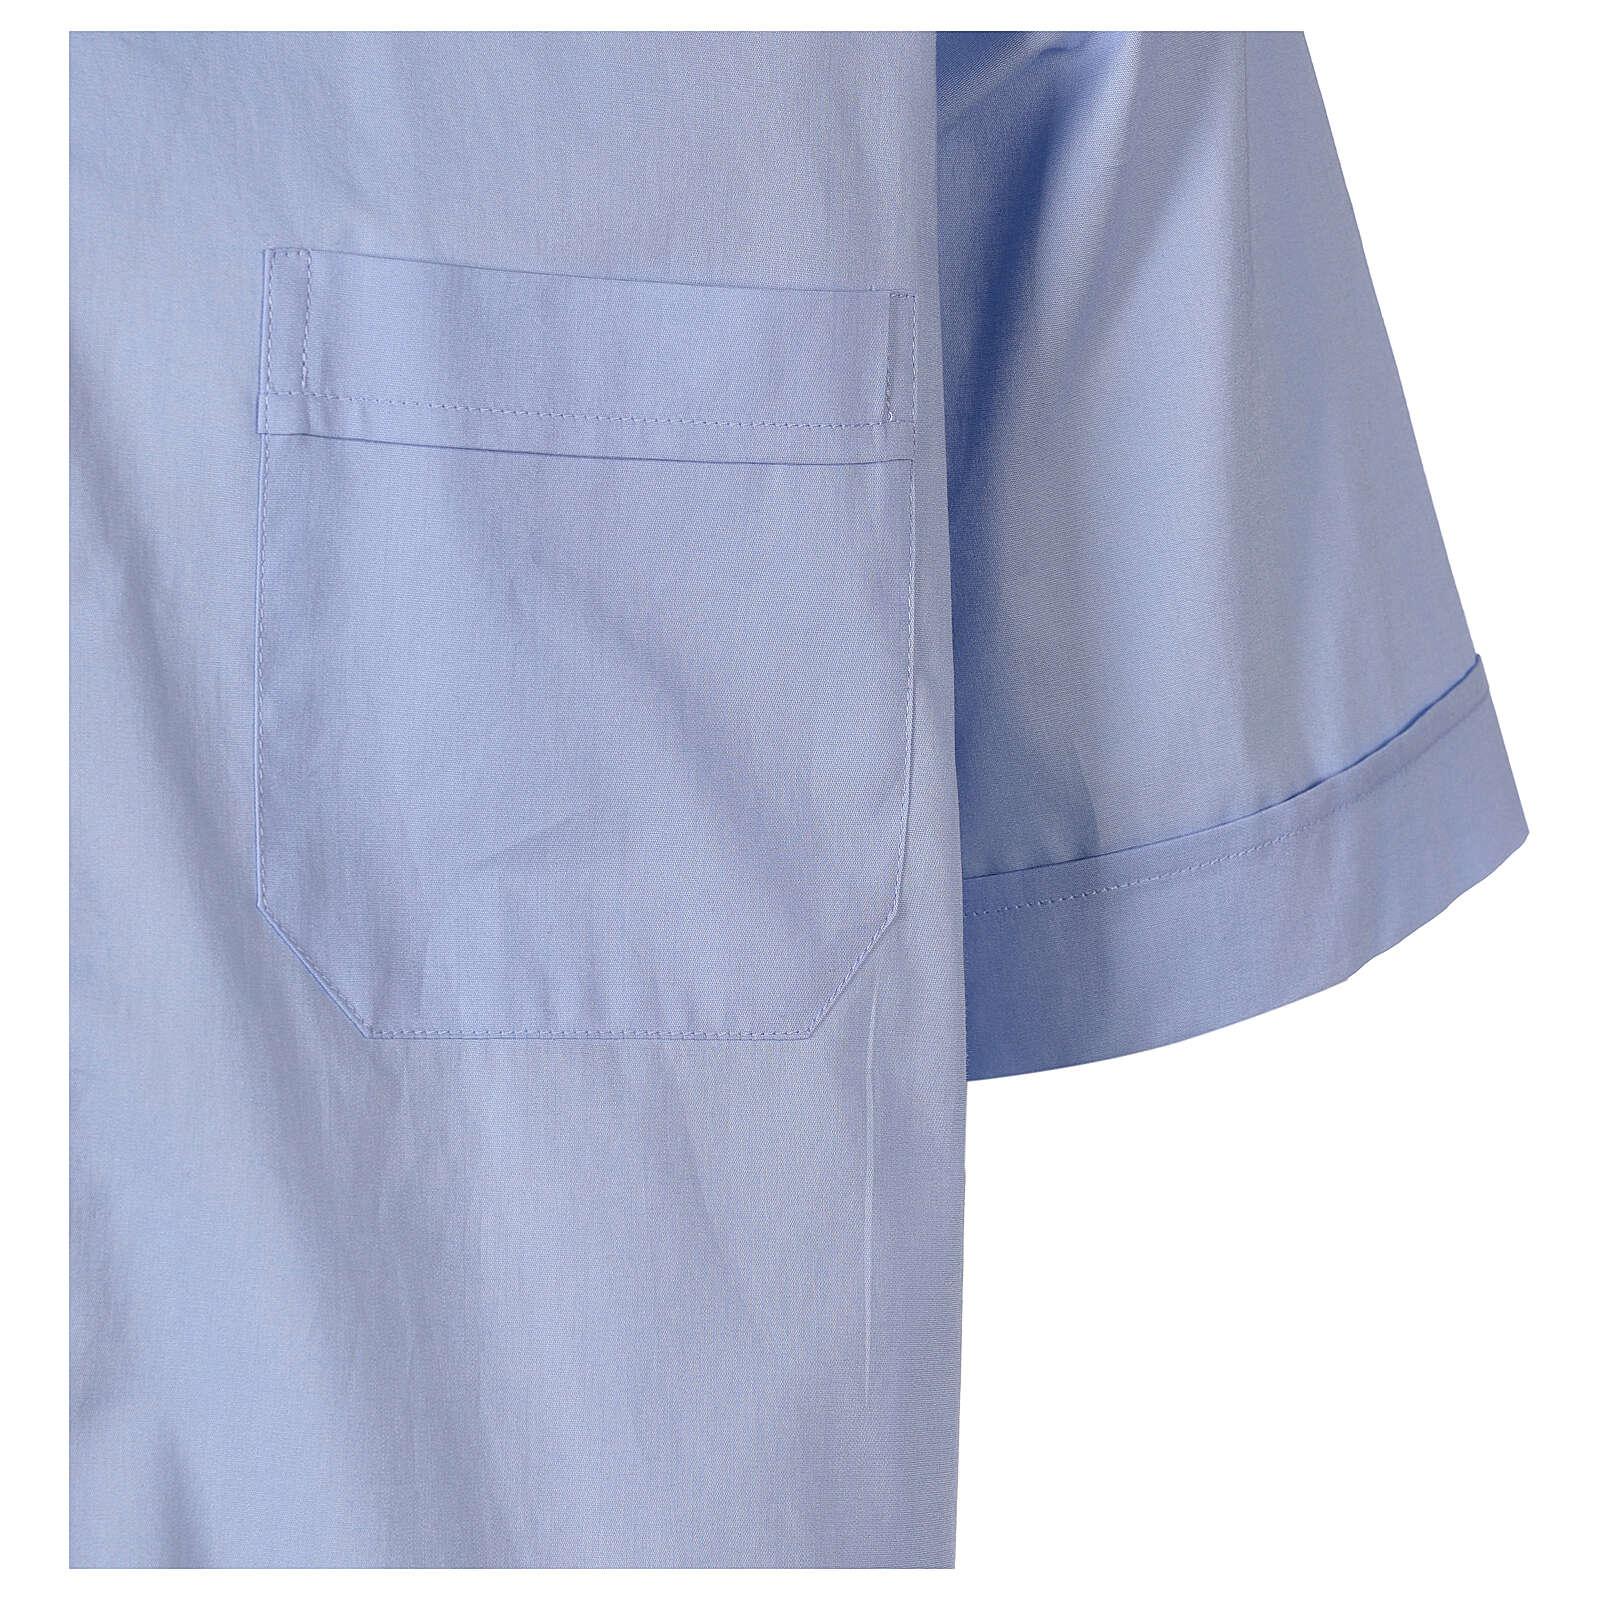 Camicia In Primis elasticizzata cotone manica corta celeste 4